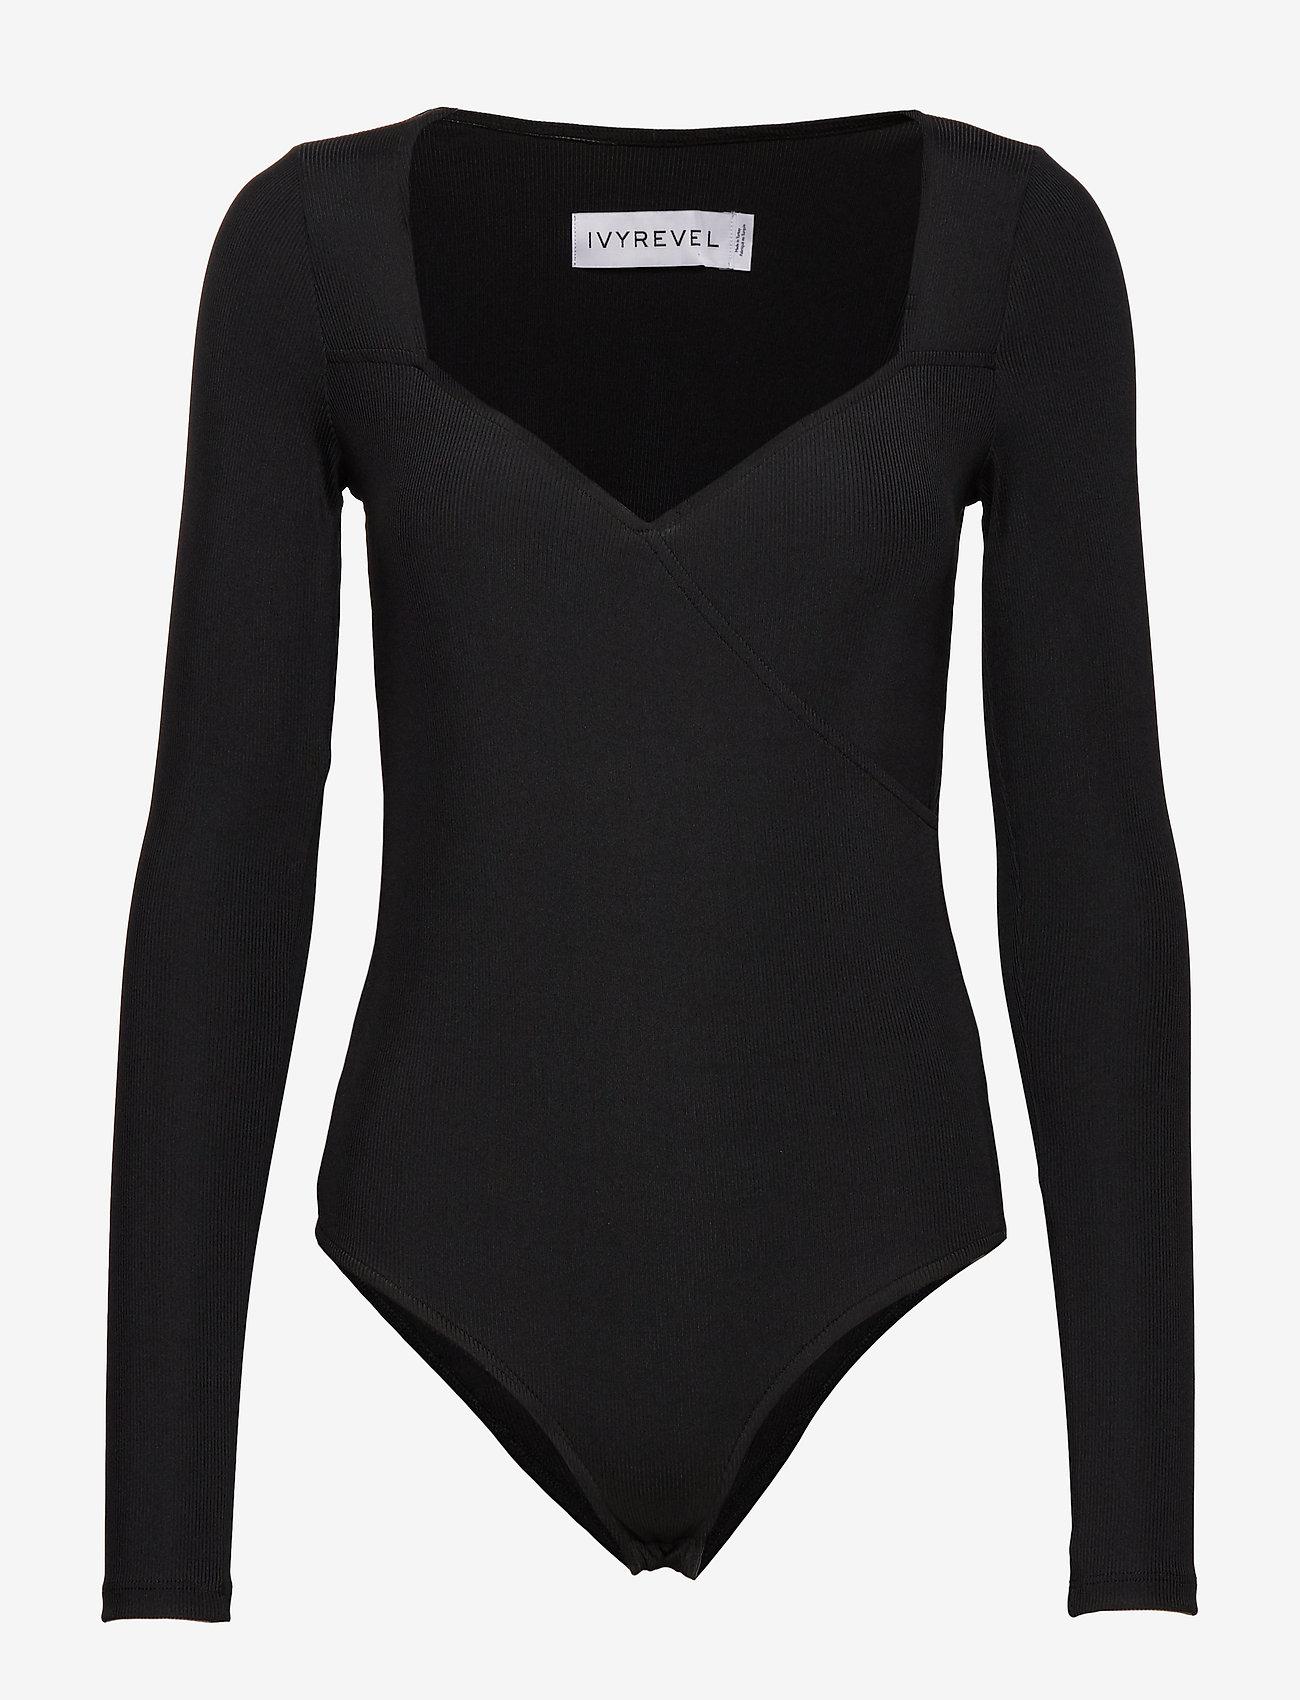 Ivyrevel - TIGHT PLUNGE BODY - body - black - 1